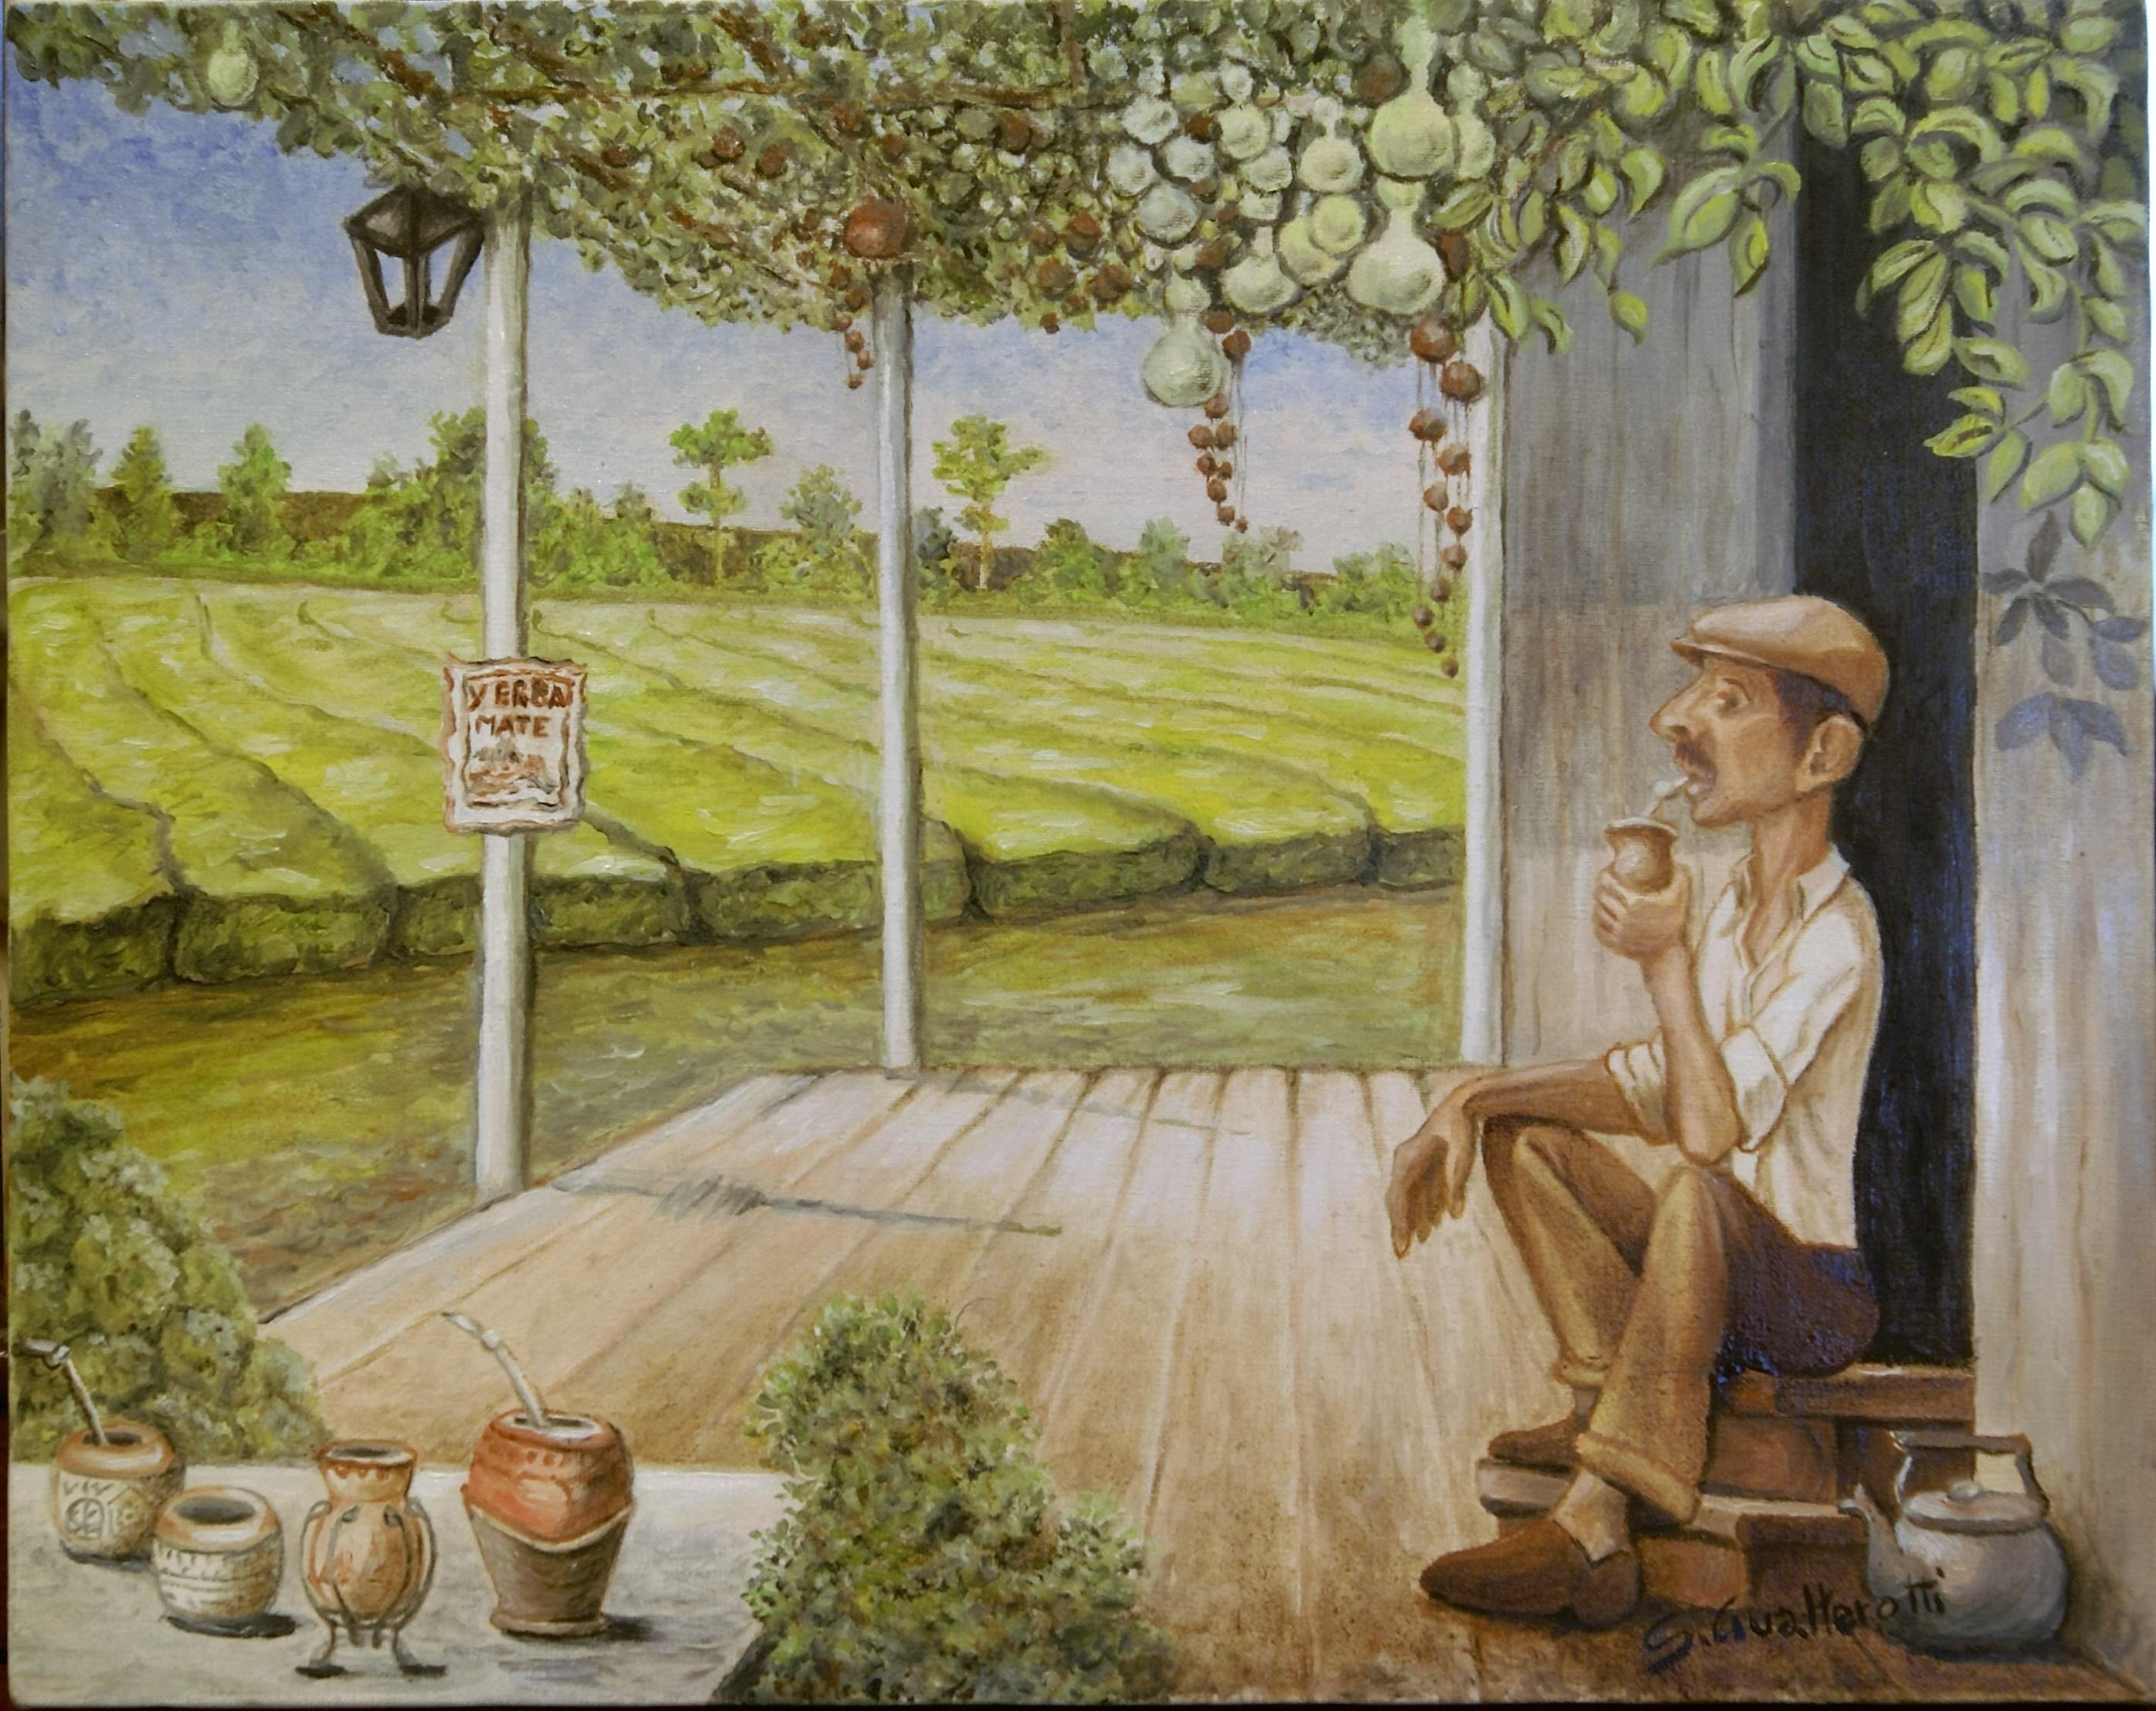 La storia dell'erba mate